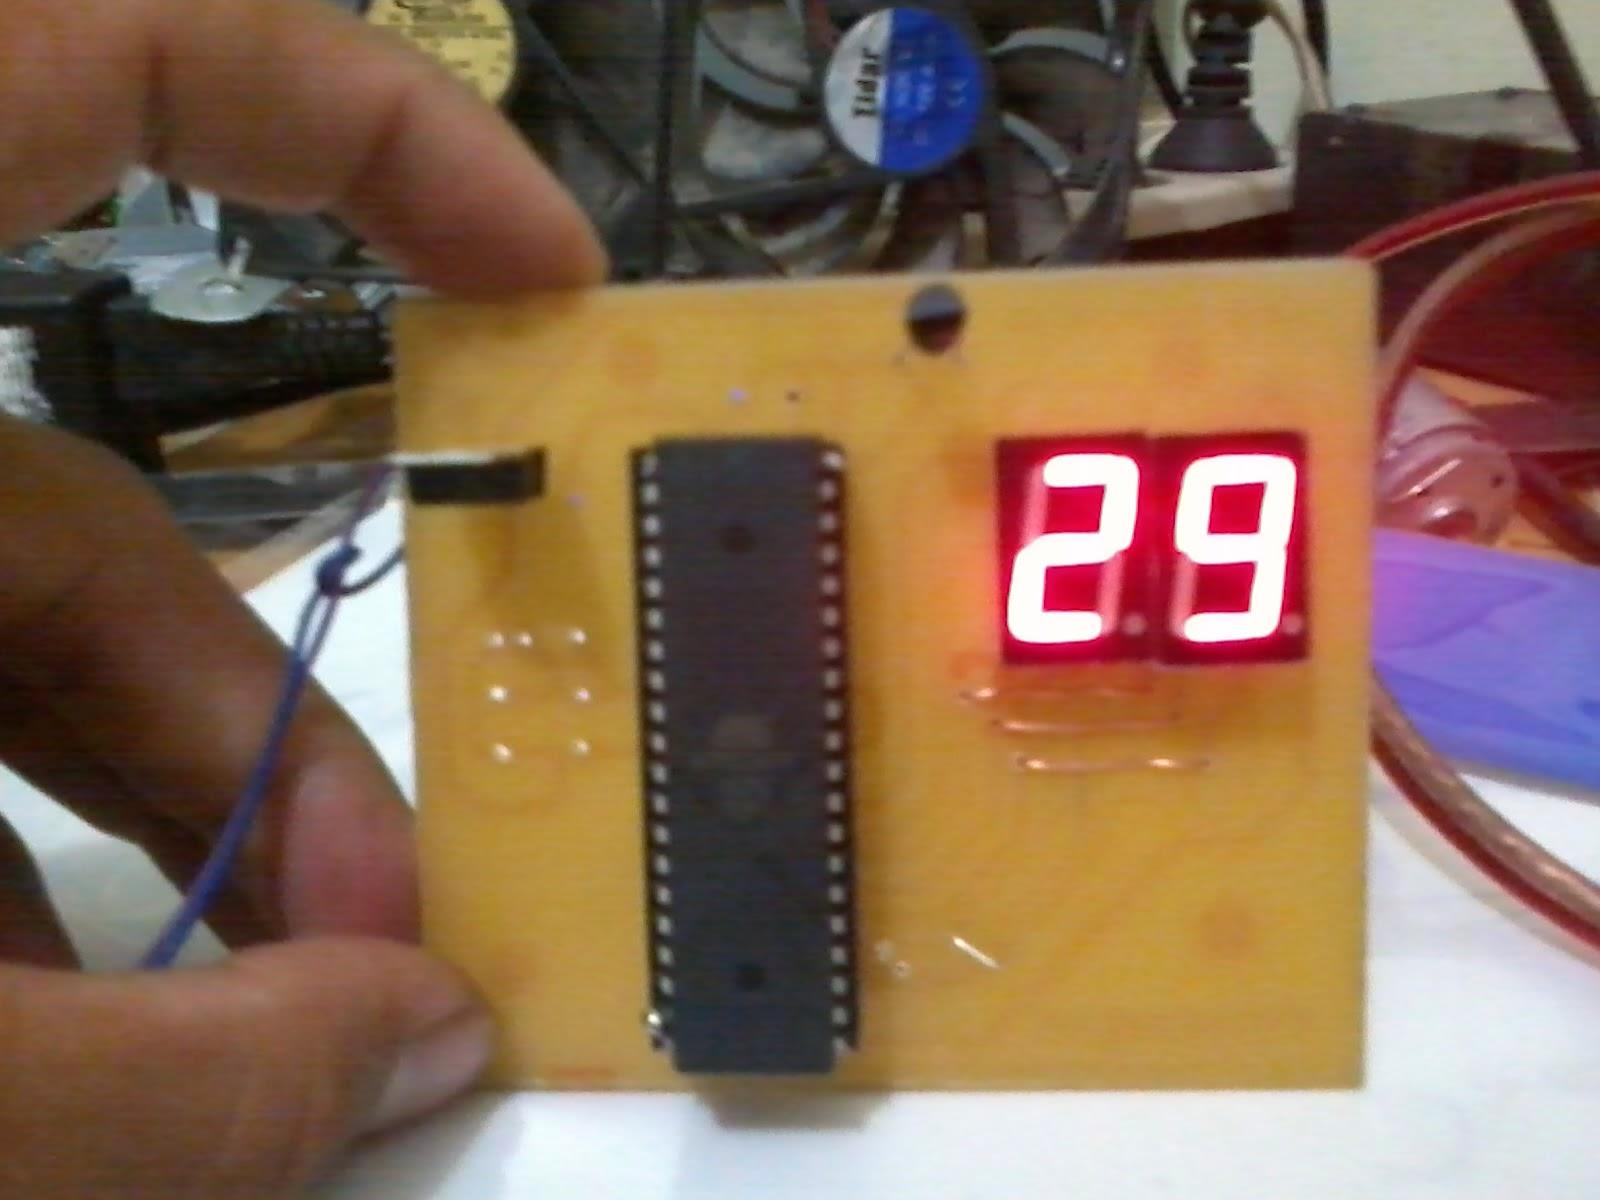 Membuat Thermometer Digital Sendiri Dengan AT Mega 16 dan